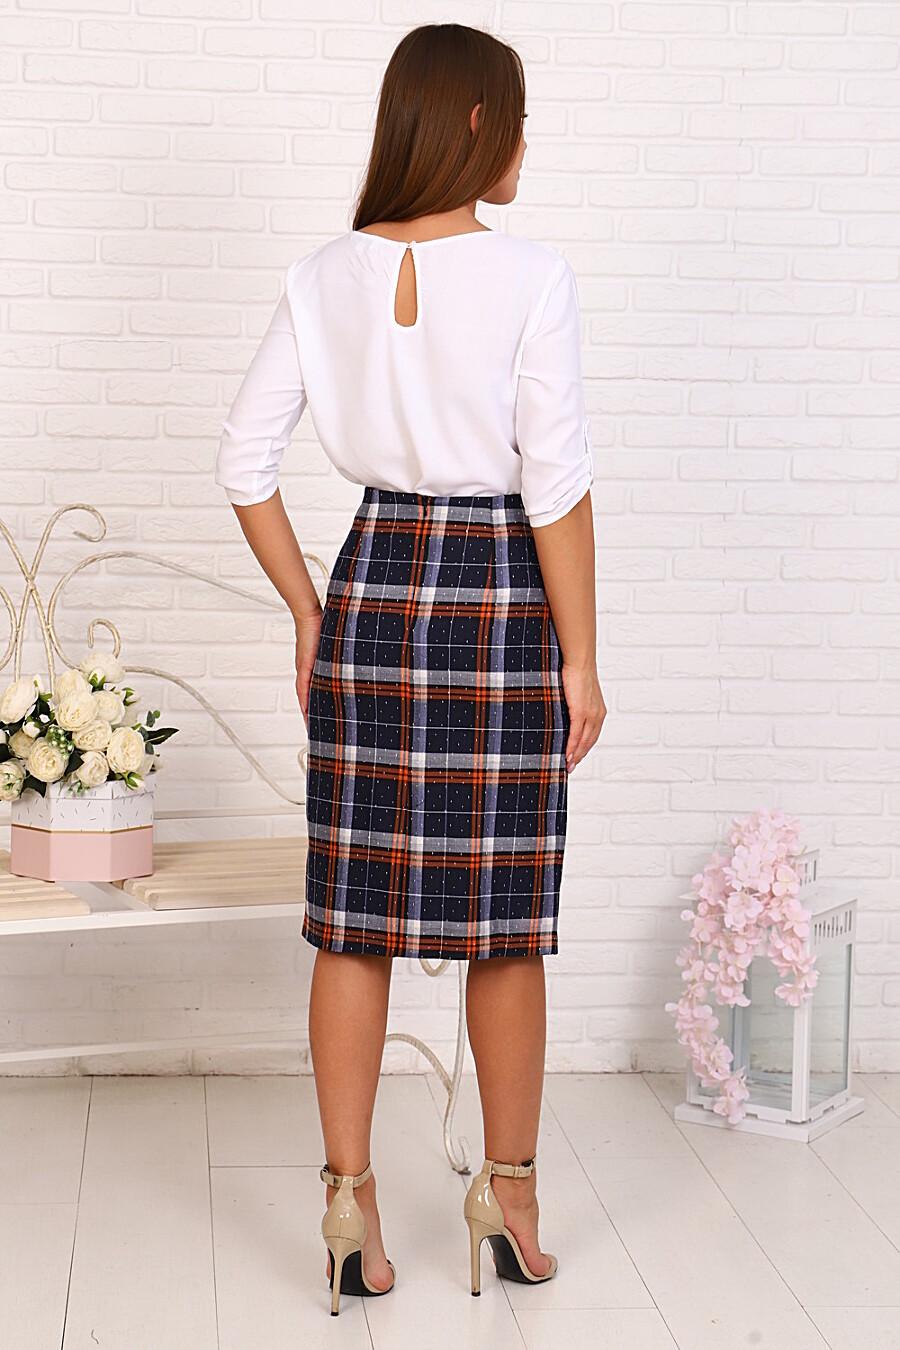 Юбка 0509 для женщин НАТАЛИ 289251 купить оптом от производителя. Совместная покупка женской одежды в OptMoyo